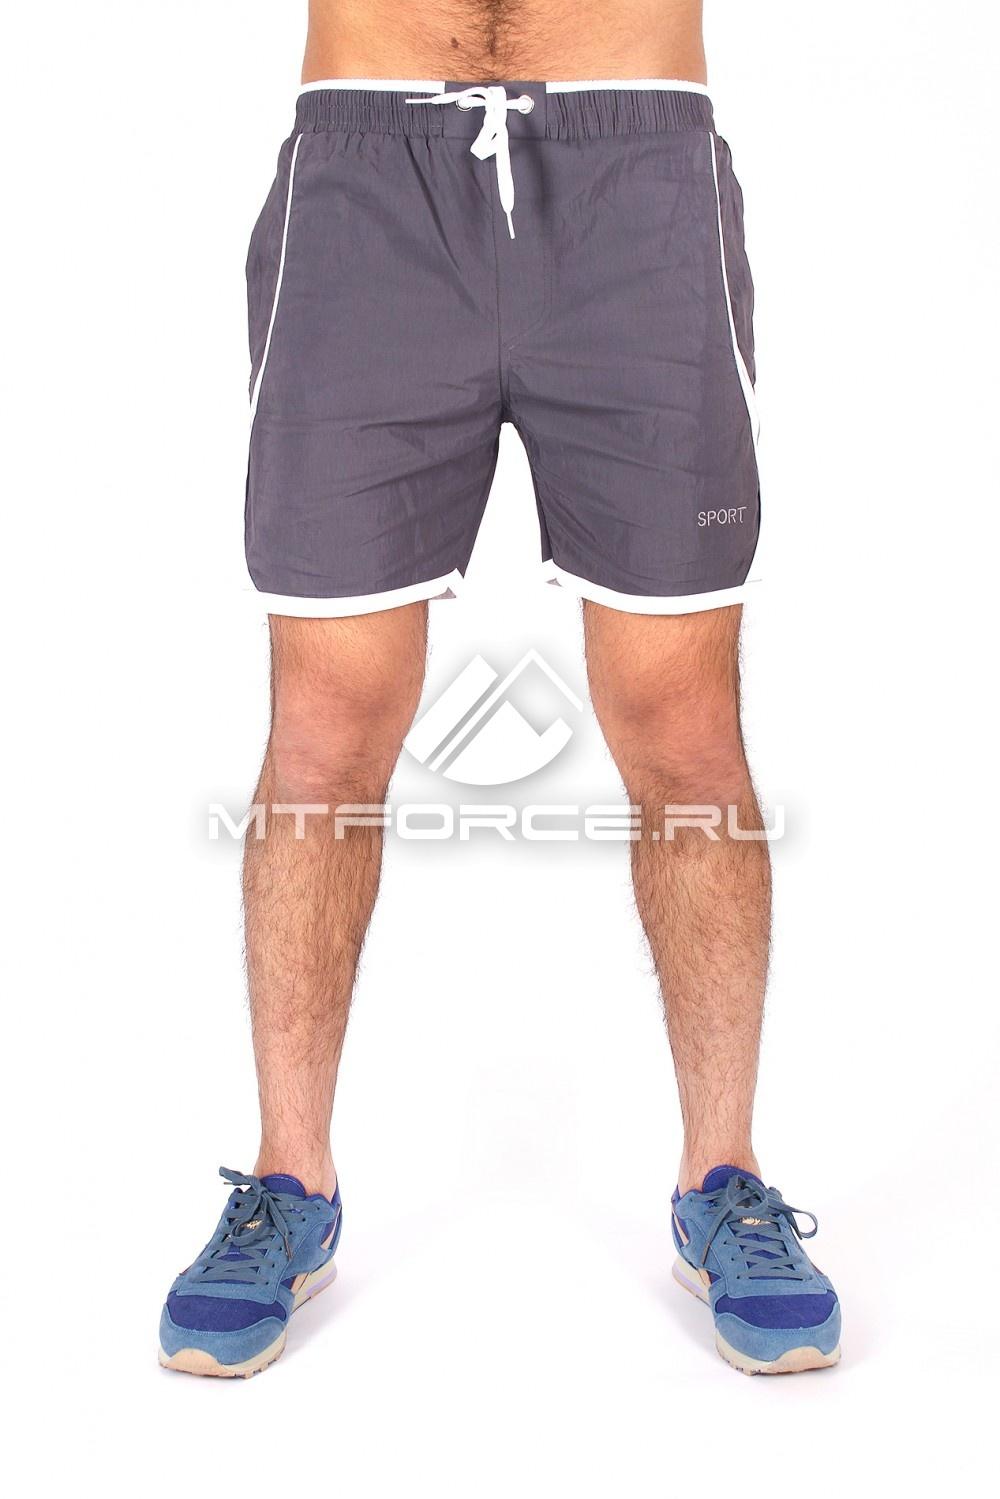 Купить                                  оптом Спортивные шорты серого цвета 512Sr в Новосибирске